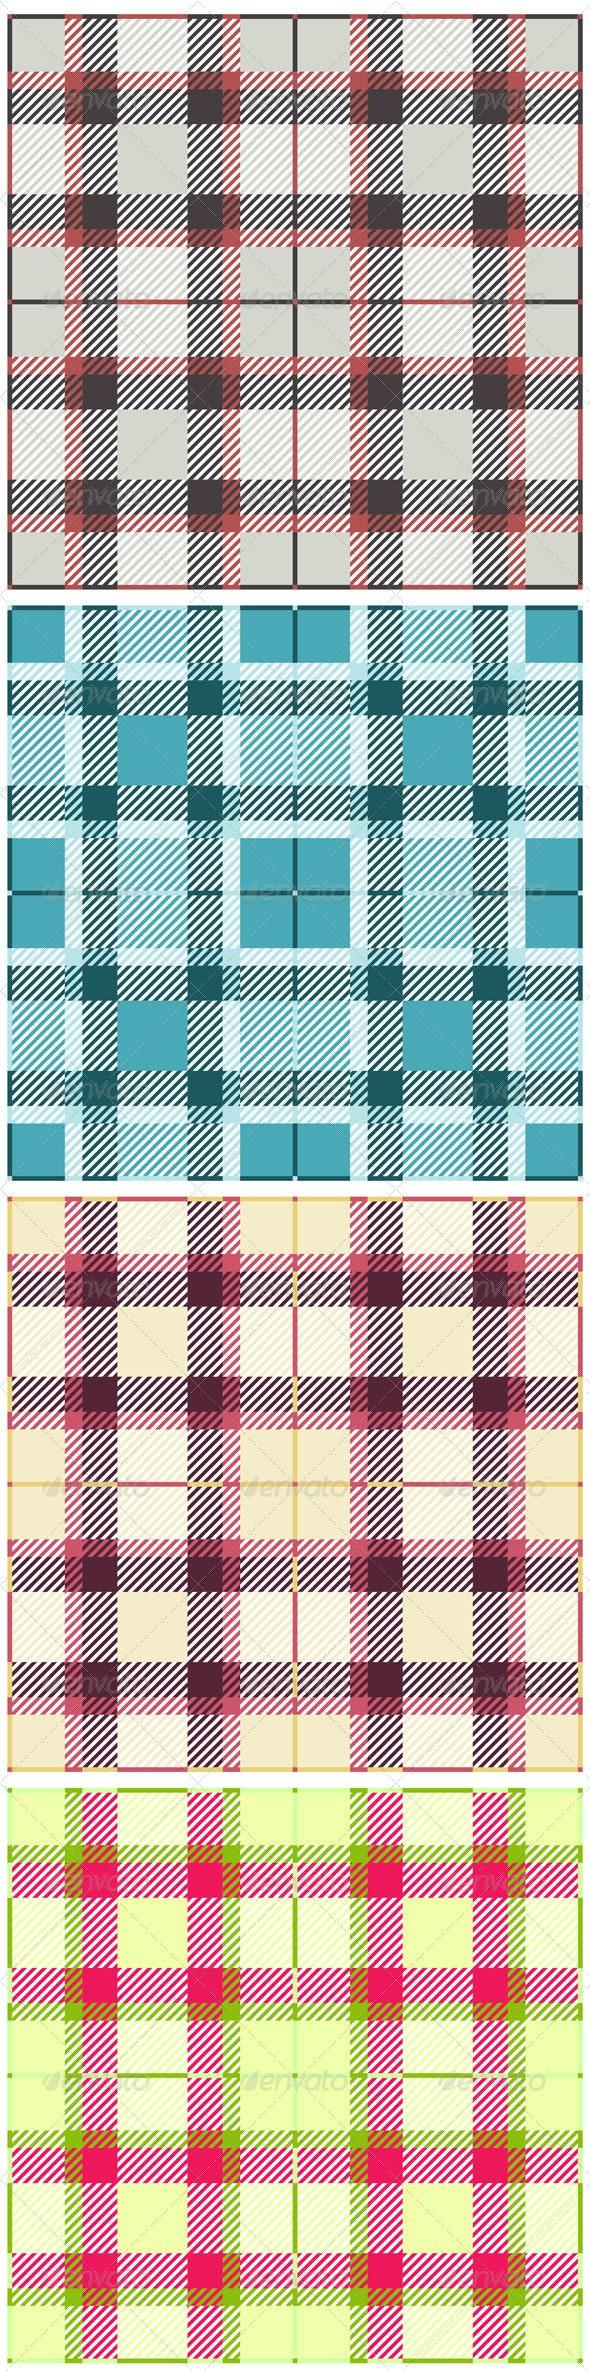 Textile Patterns - Backgrounds Decorative